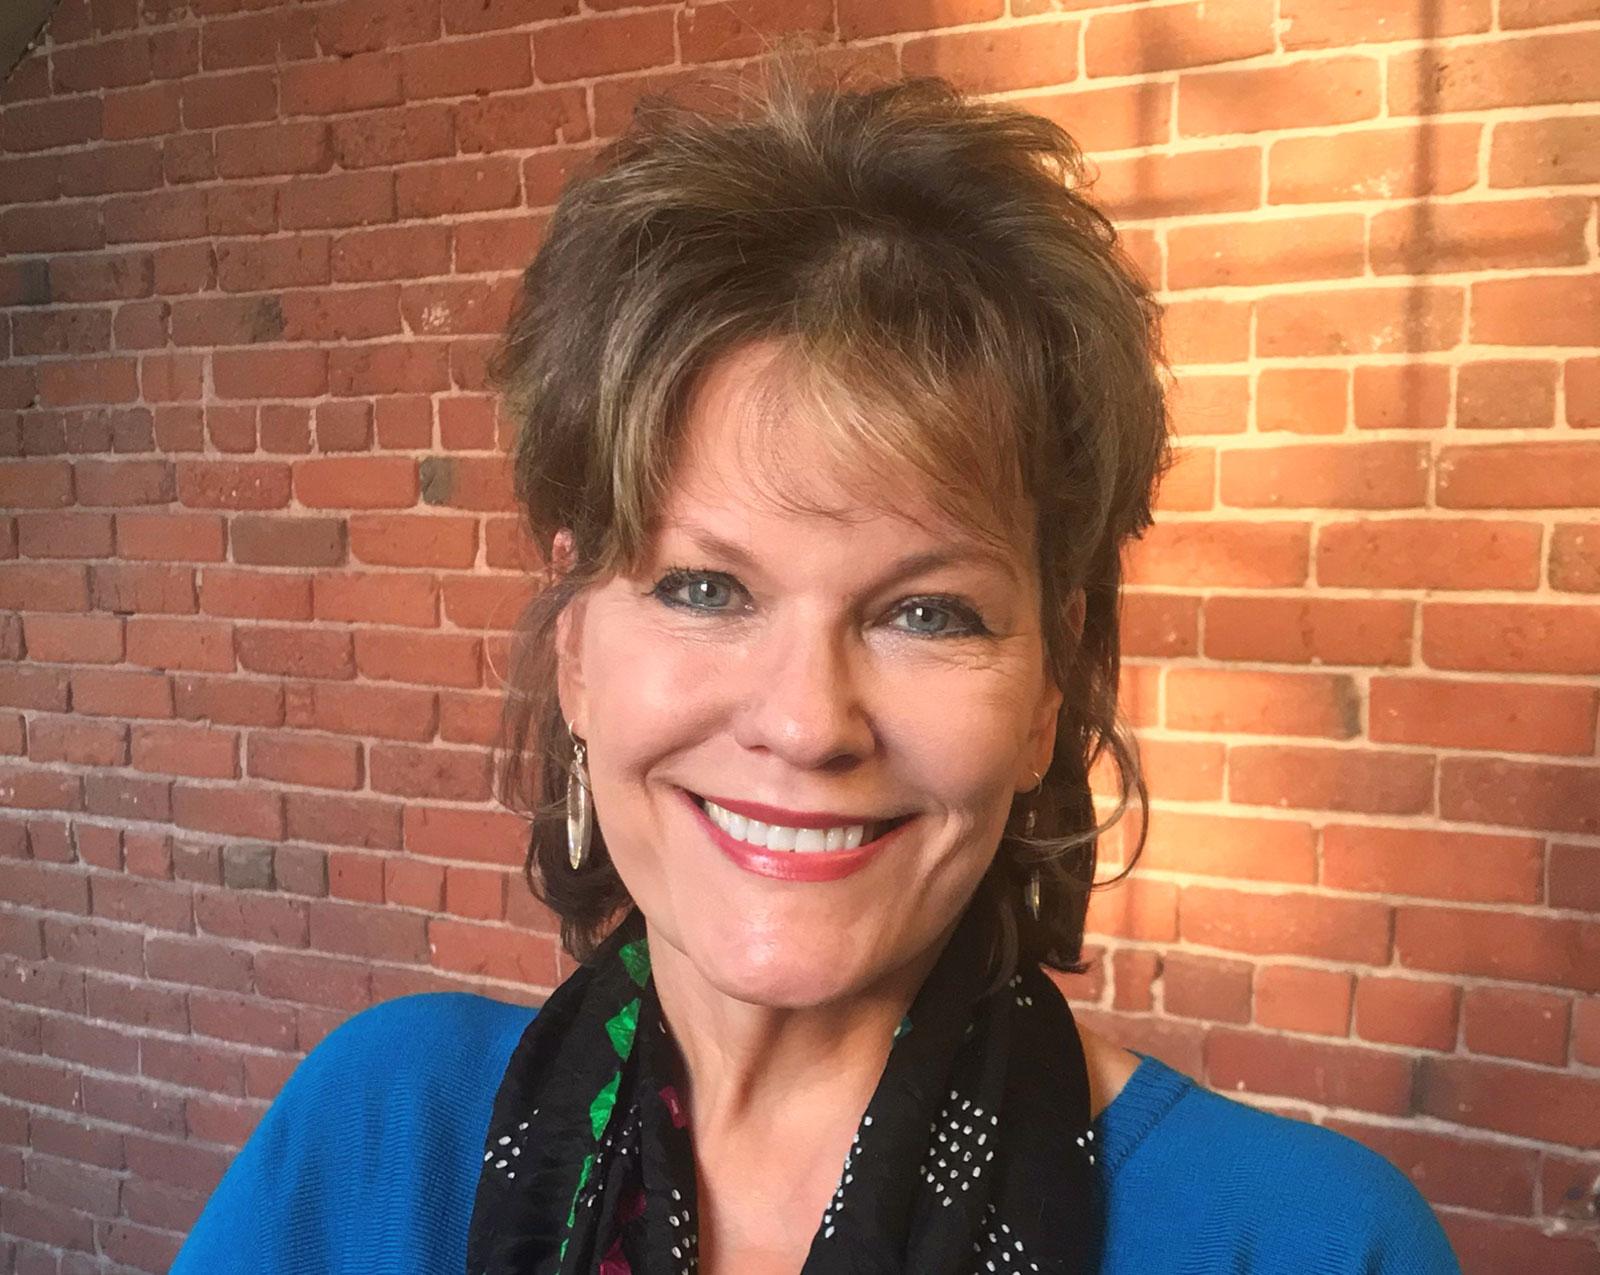 NWGI Nurse Honoree 2019: Elissa Ladd